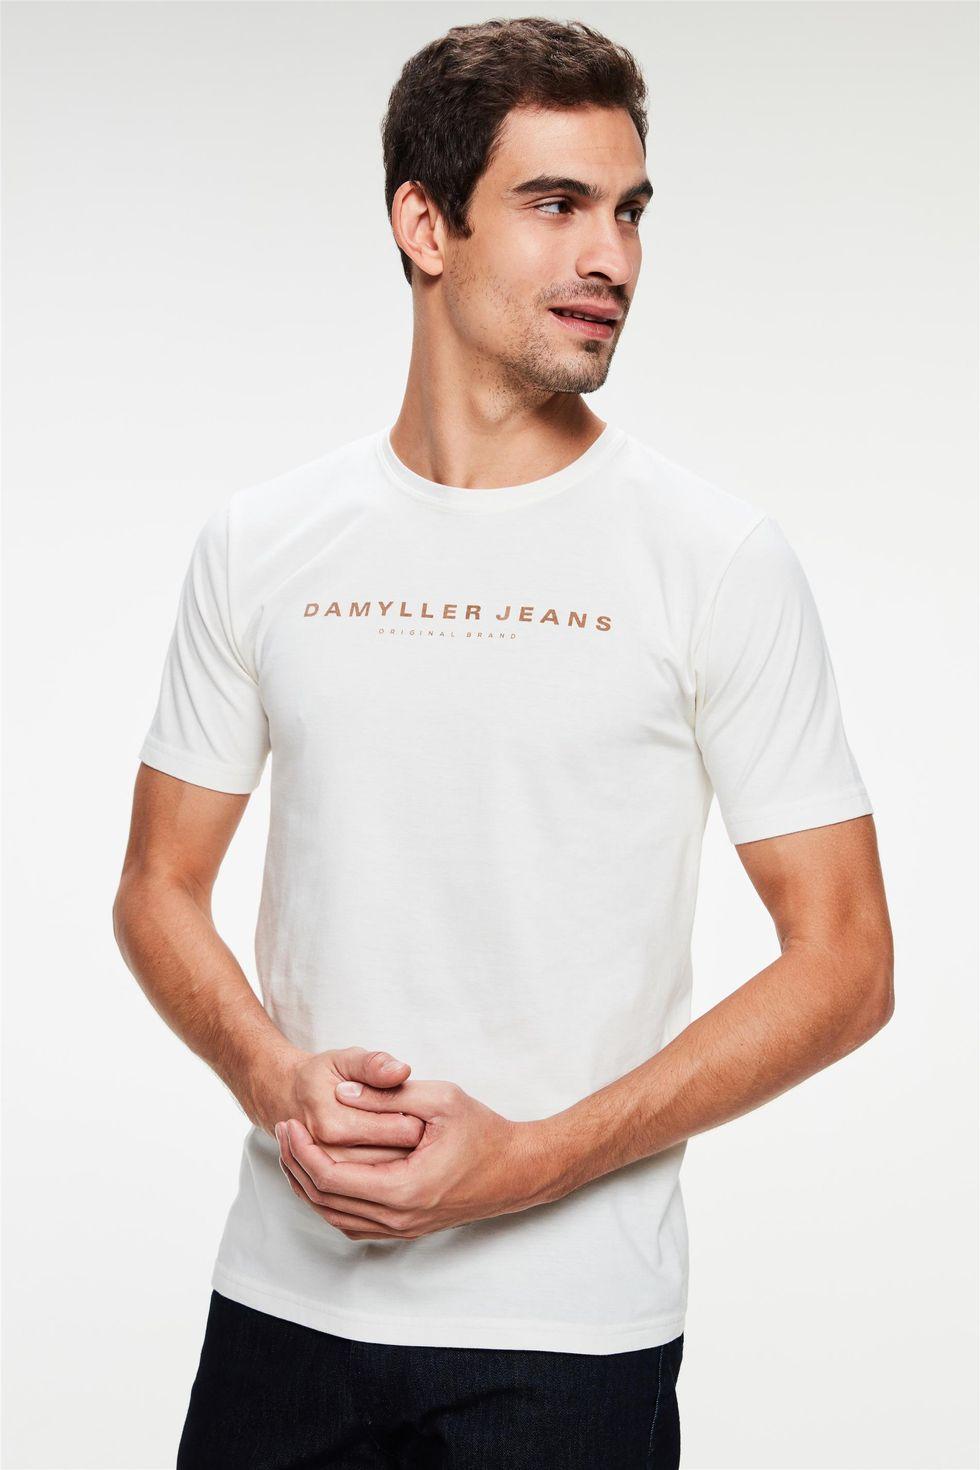 Camiseta-Masculina-Organic-Ecodamyller-Frente--